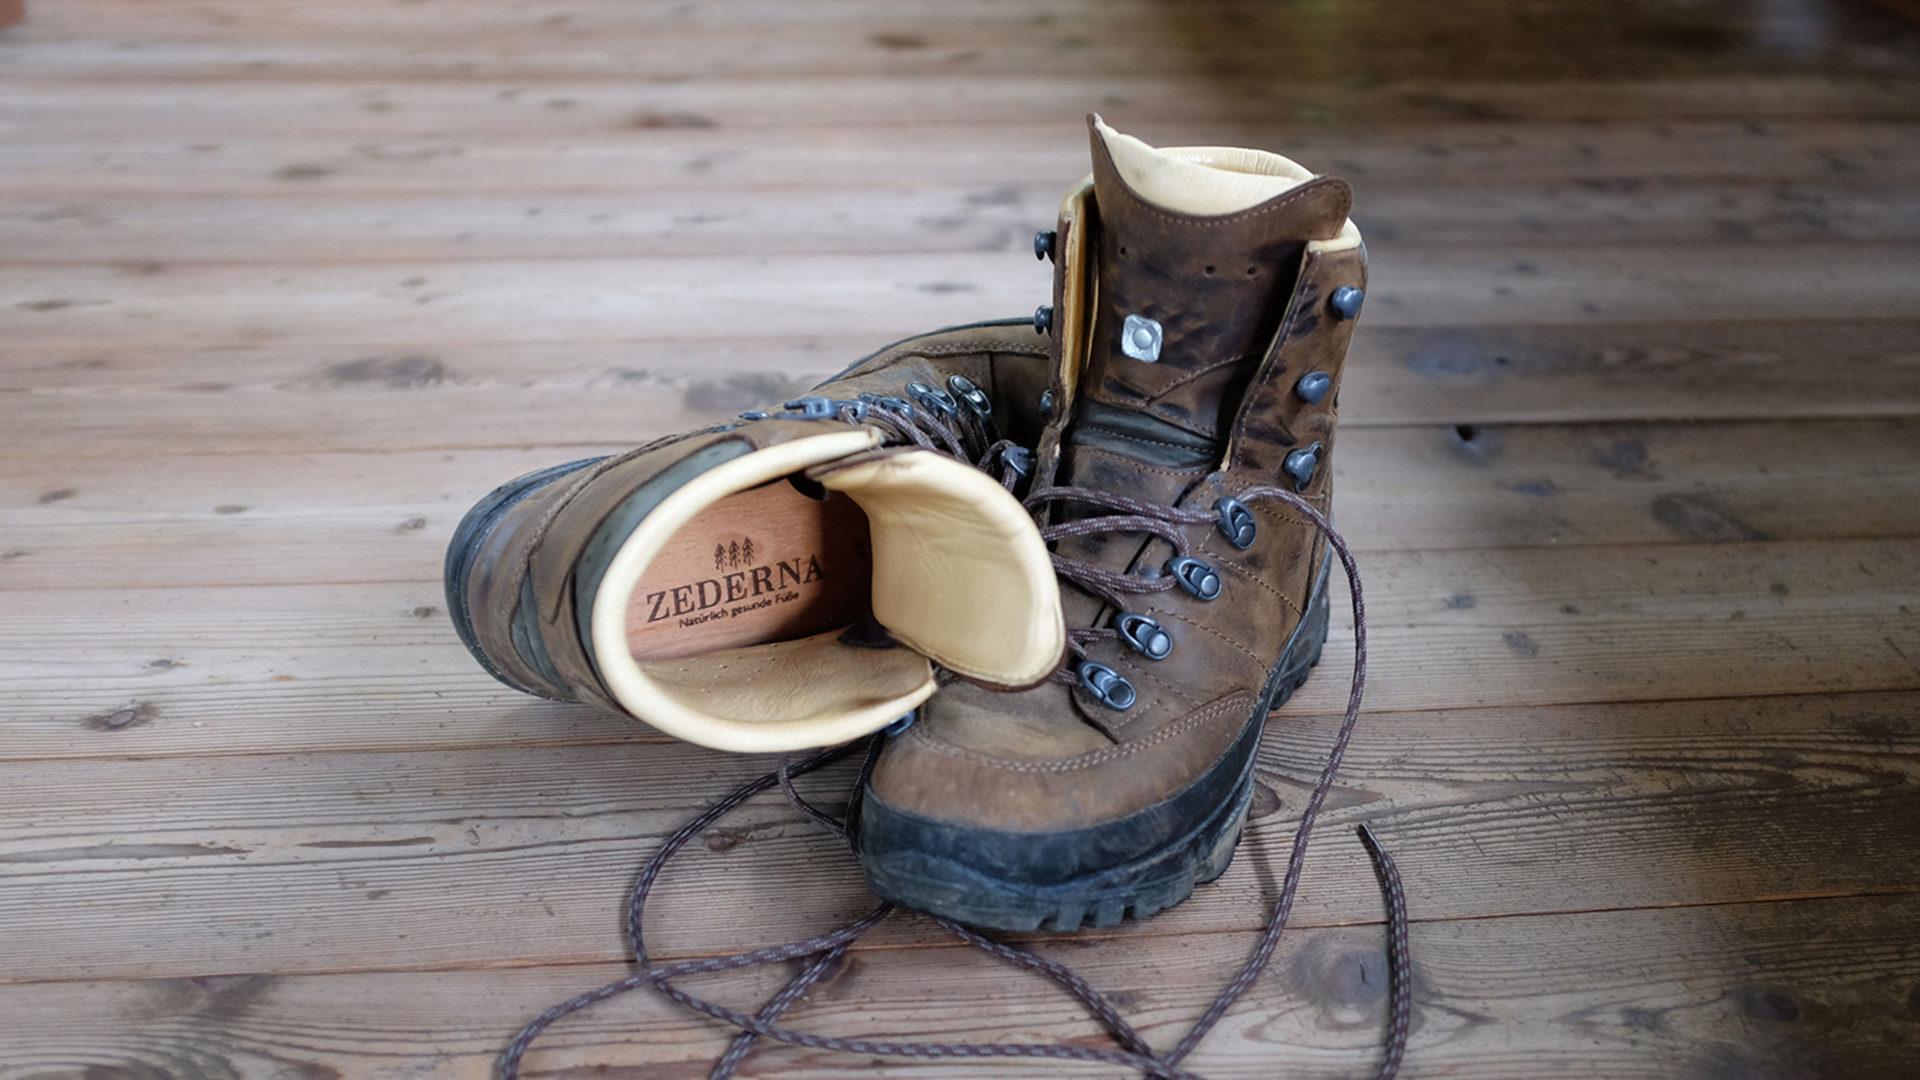 wandelschoenen met zederna cederhouten inlegzolen